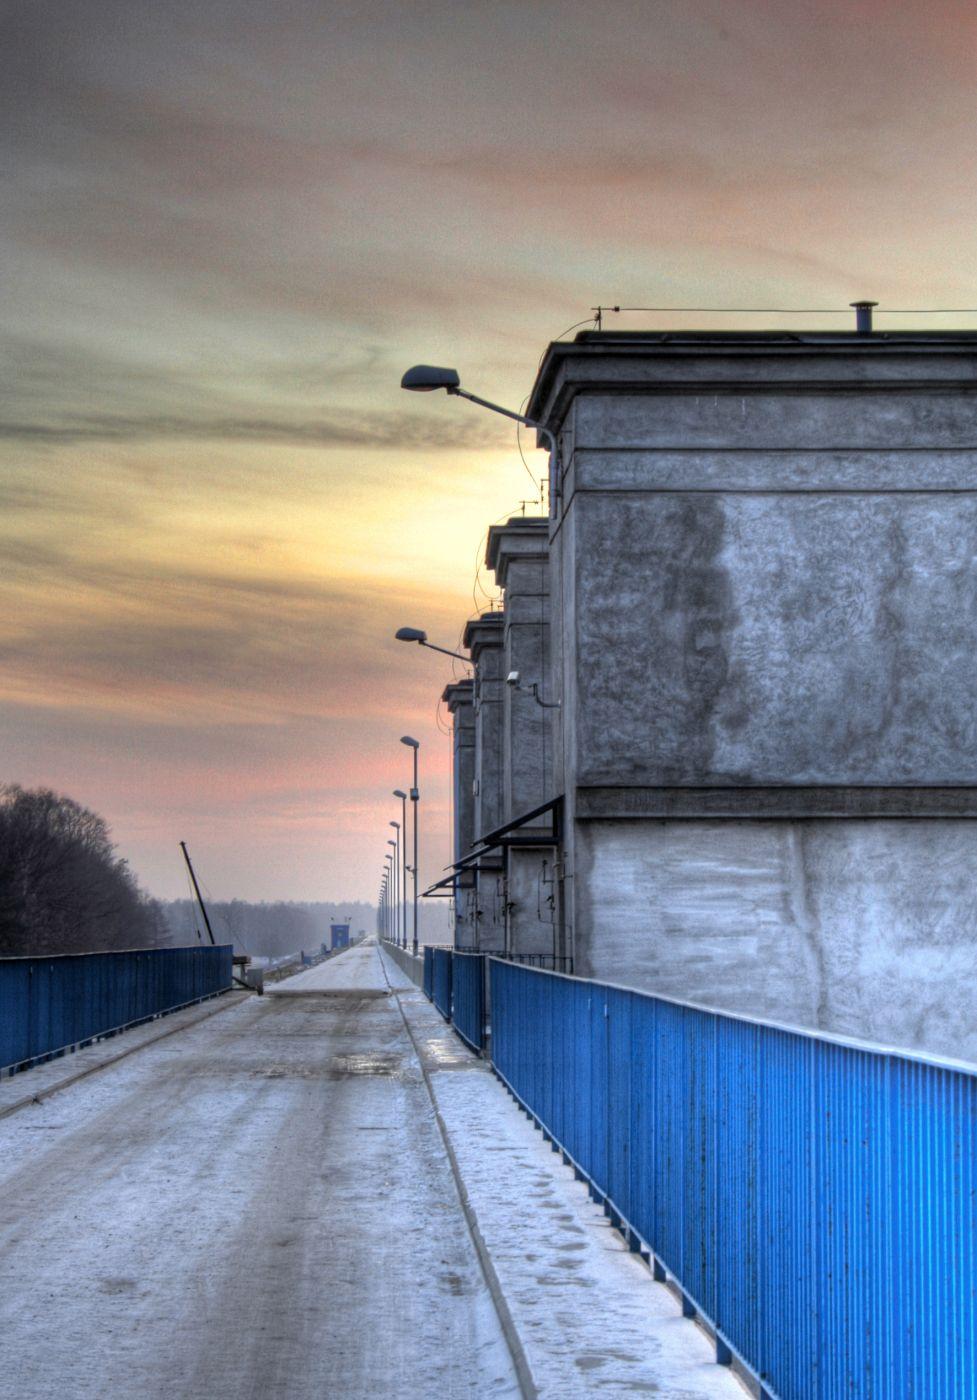 Zapora na Jeziorze Goczałkowickim, Poland